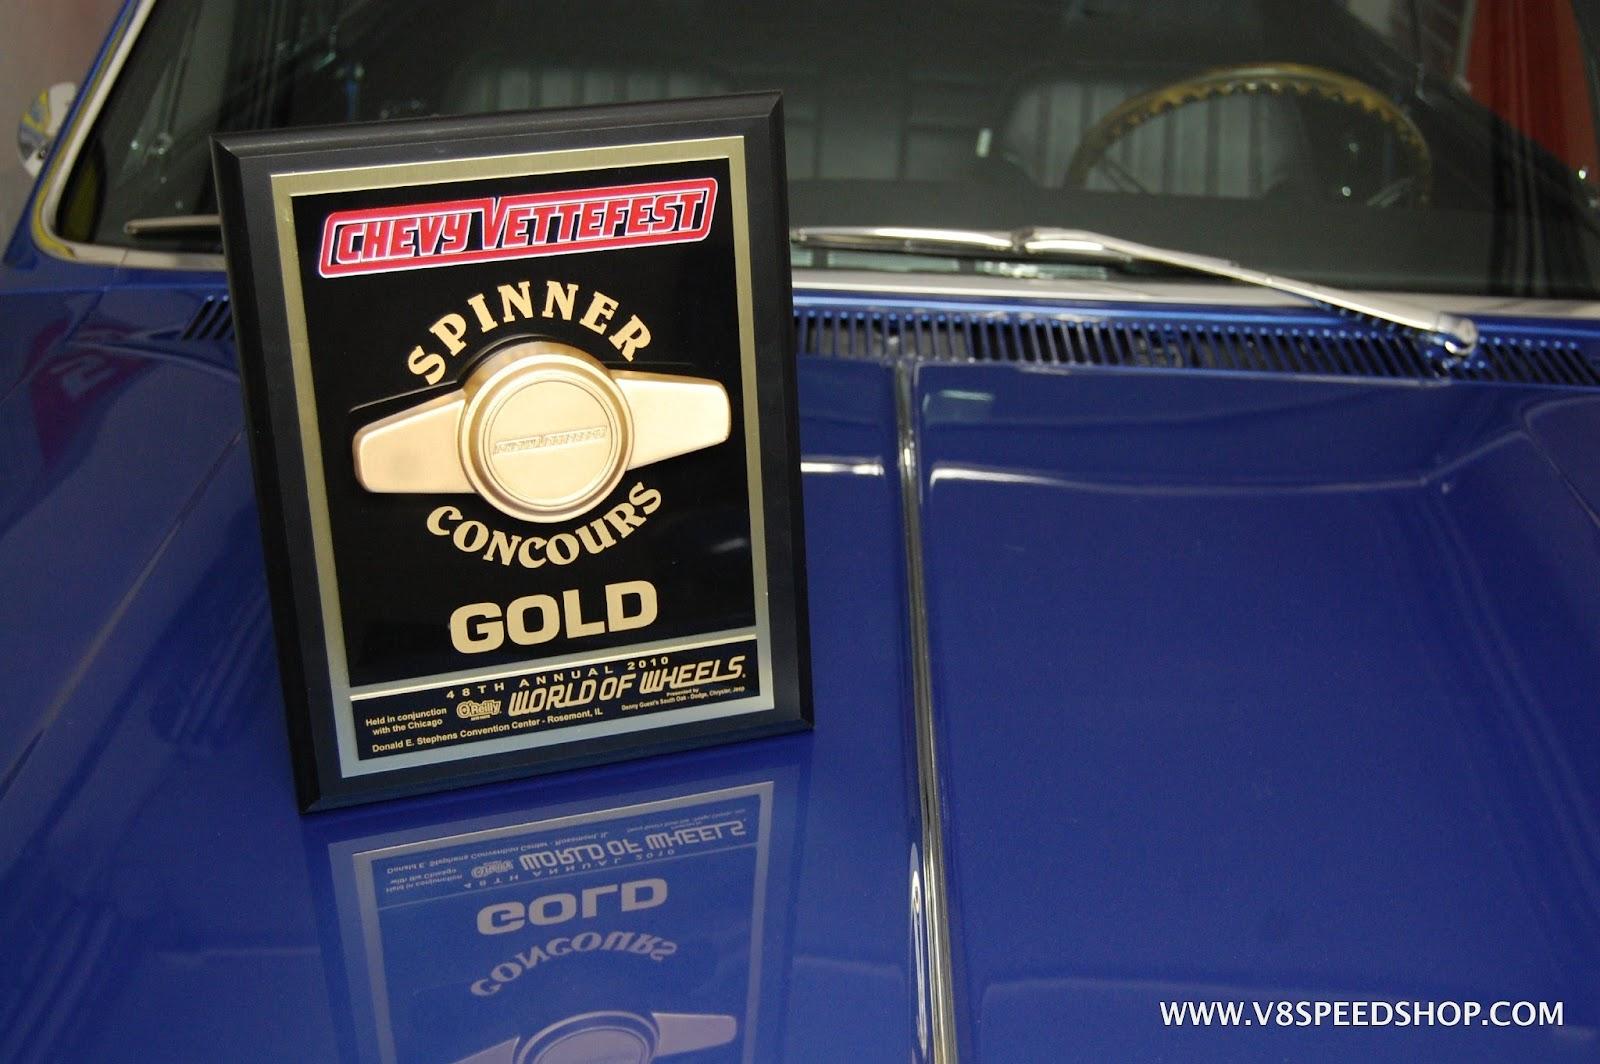 Gold Spinner